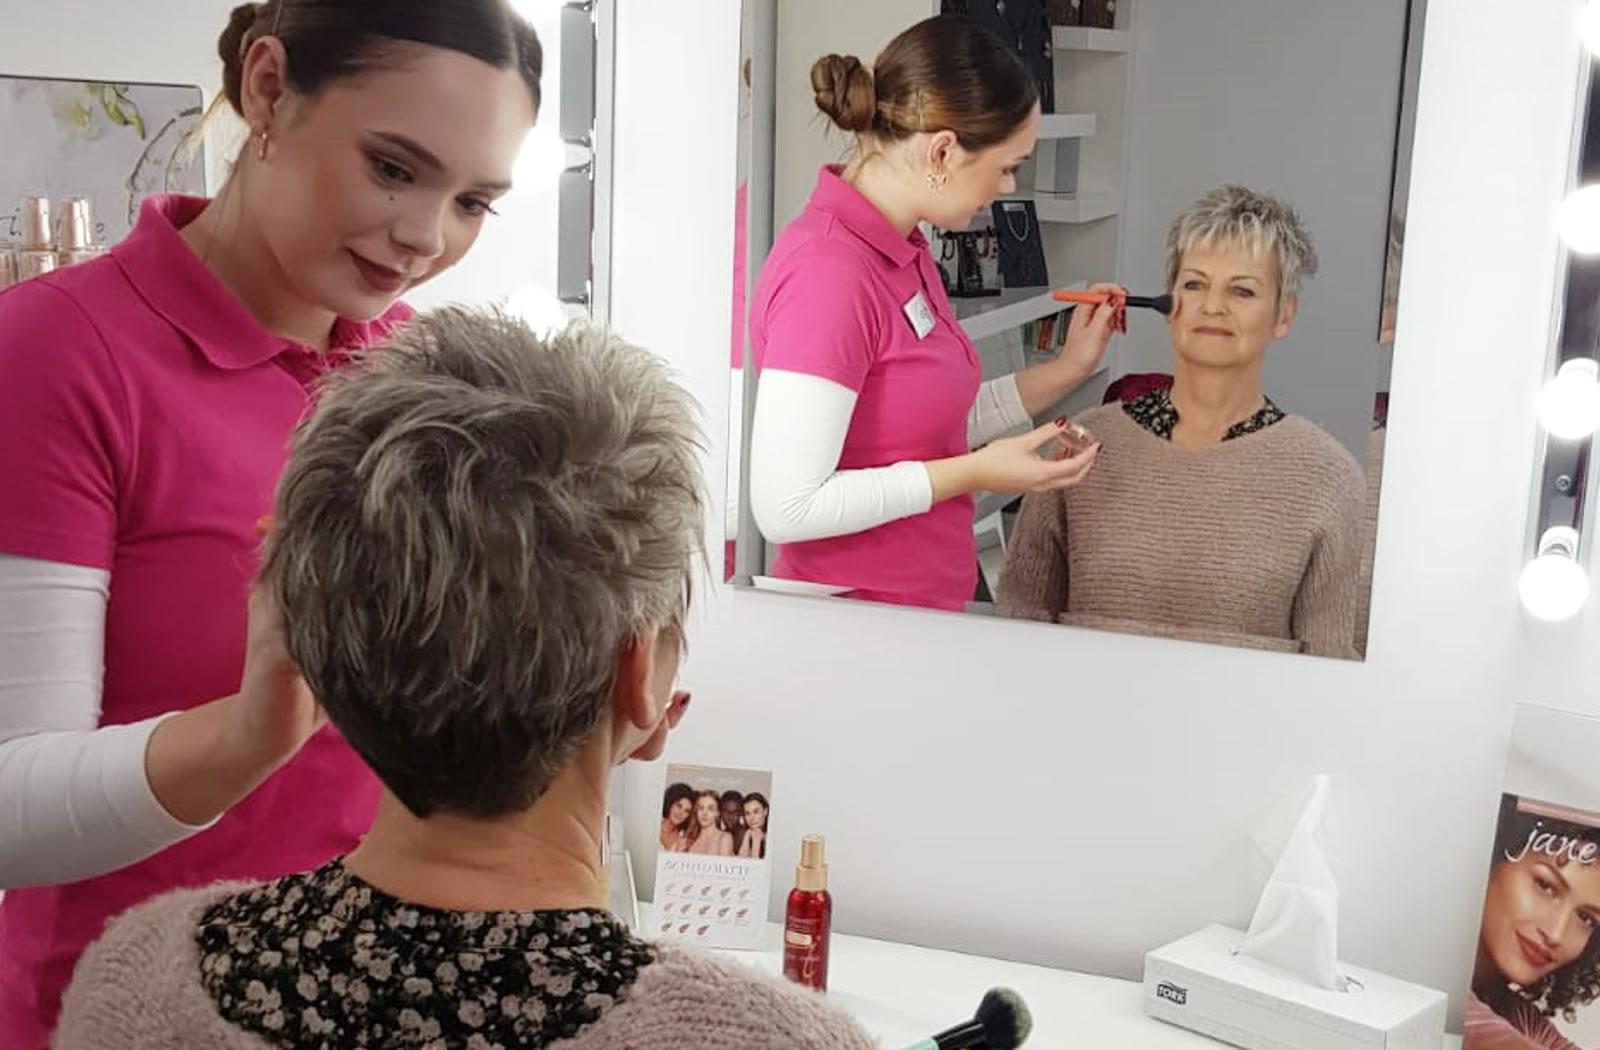 kosmetikproduktberatung Hochwirksame Heimpflege